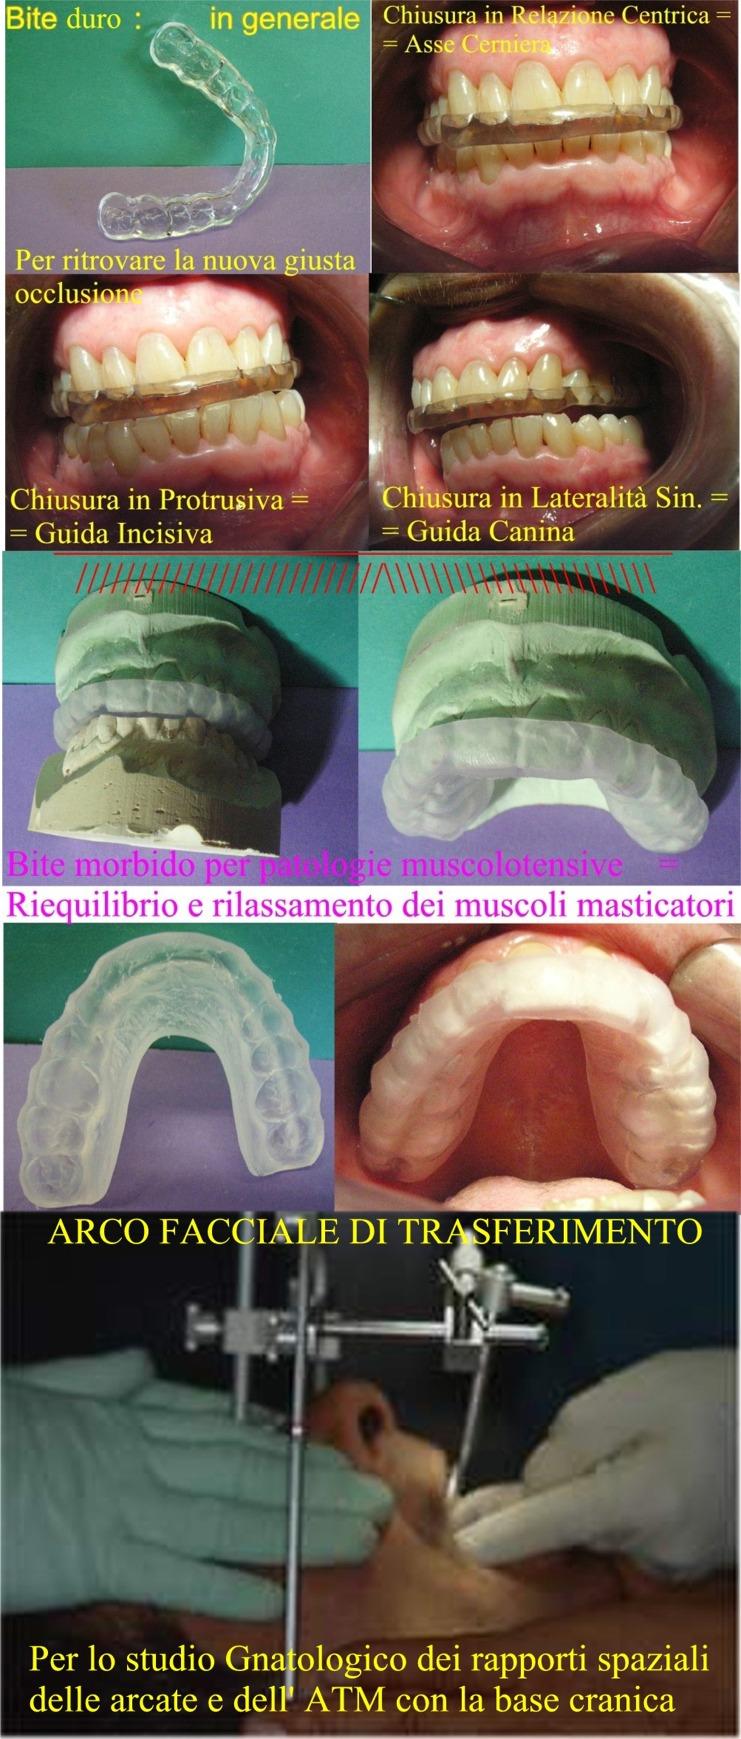 Diversi tipi di Bite e Arco facciale di trasferimento per la Diagnosi Gnatologica. Da casistica del Dr. Gustavo Petti di Cagliari